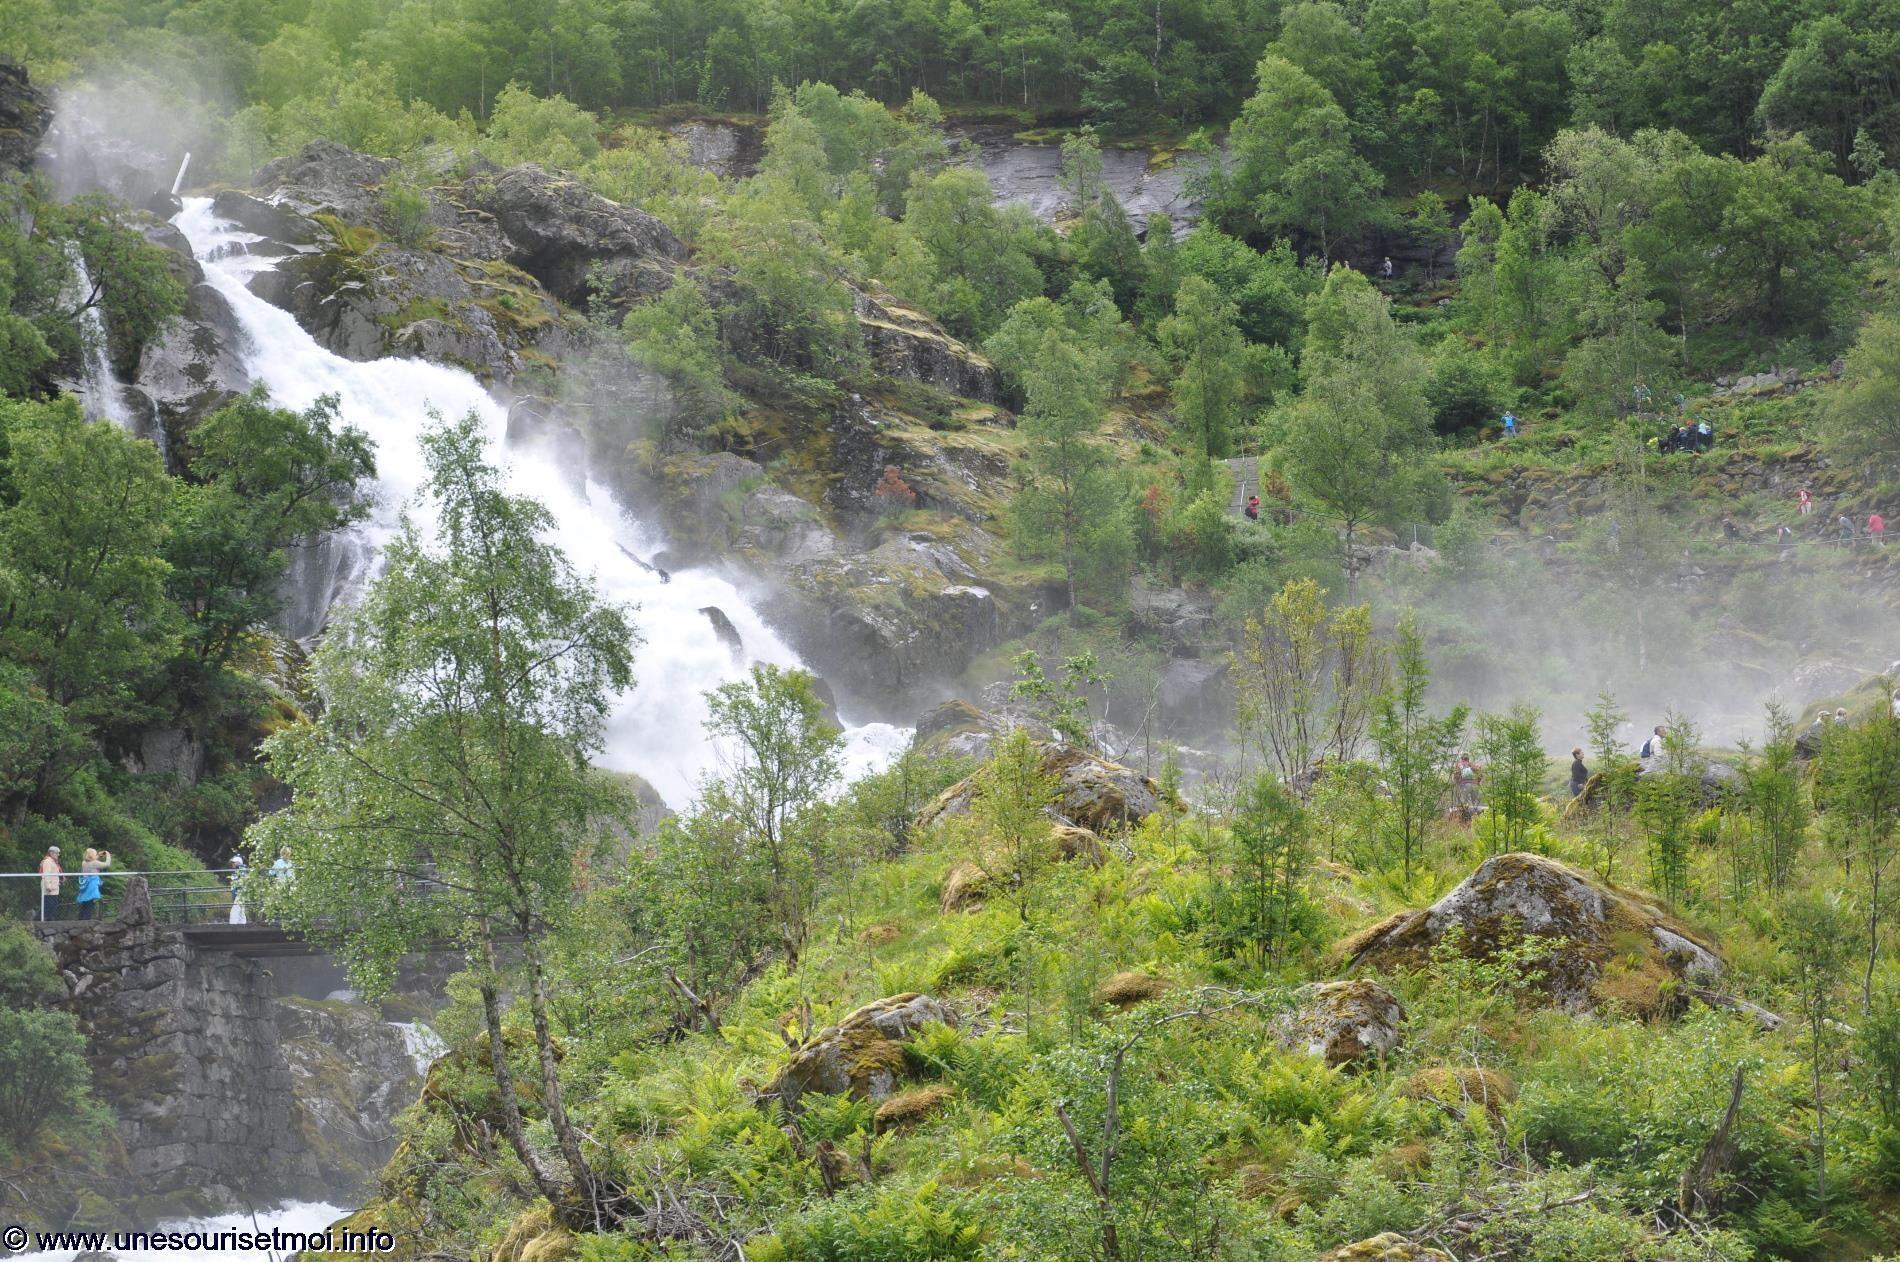 norvege_ville-de-olden_glacier-de-briksdal_04